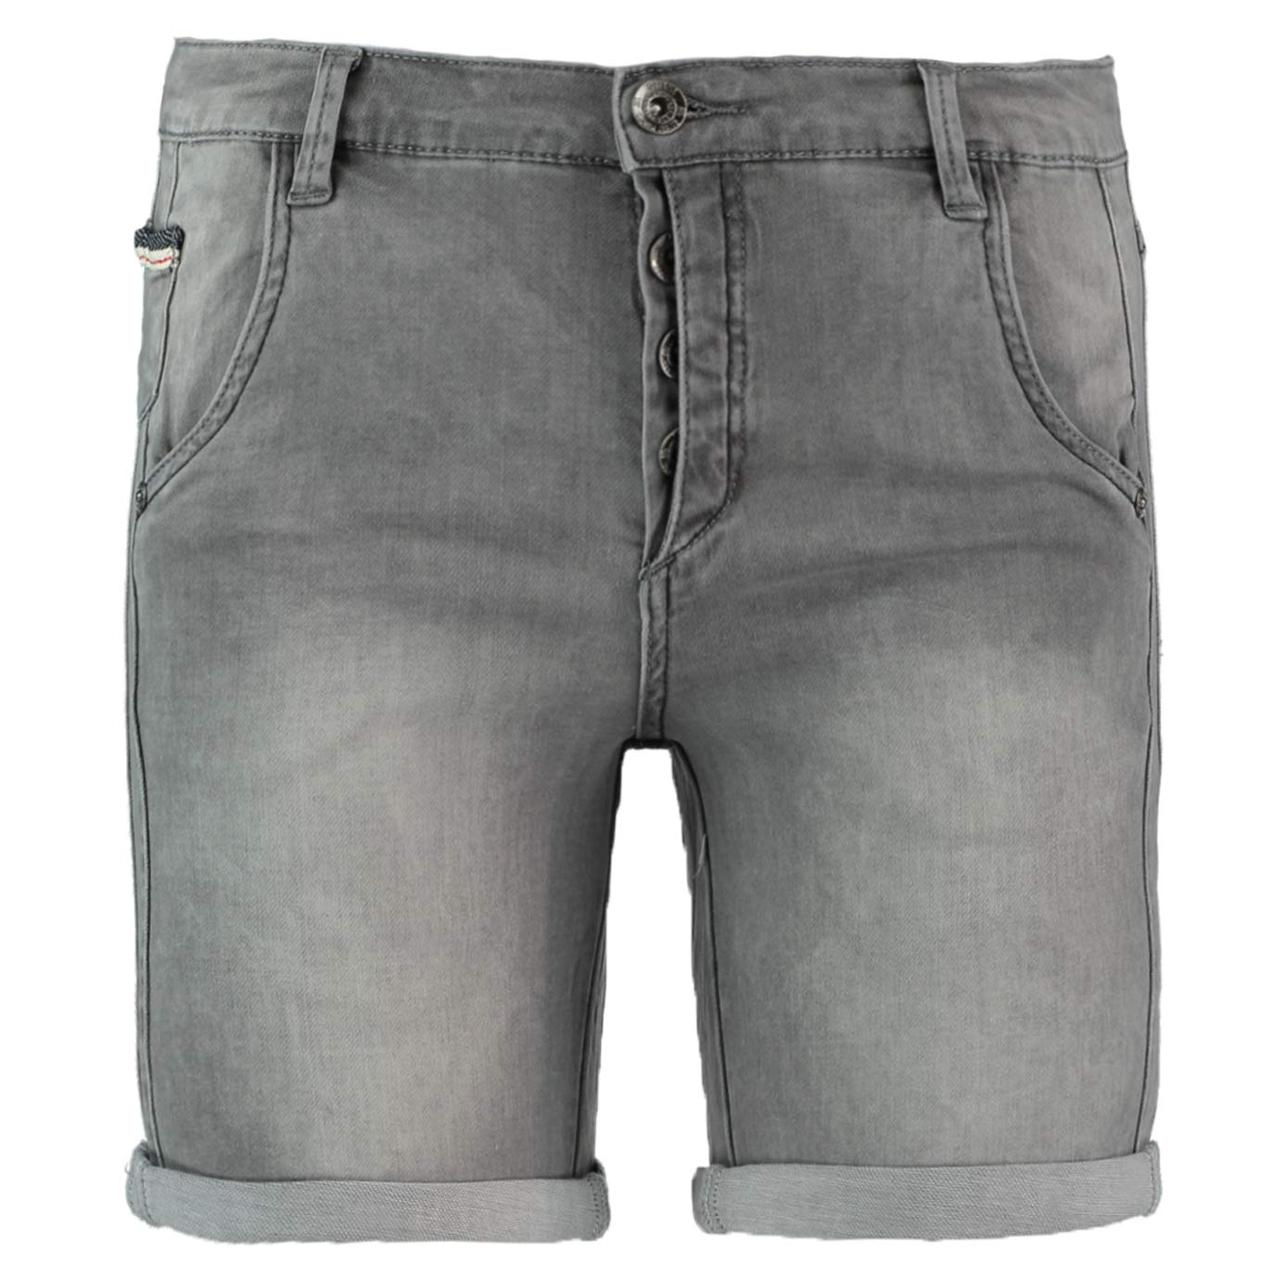 Korte Jeans Broek Dames.Geisha 91035 10 Grijs Korte Broek Broeken Dames Irma Mode